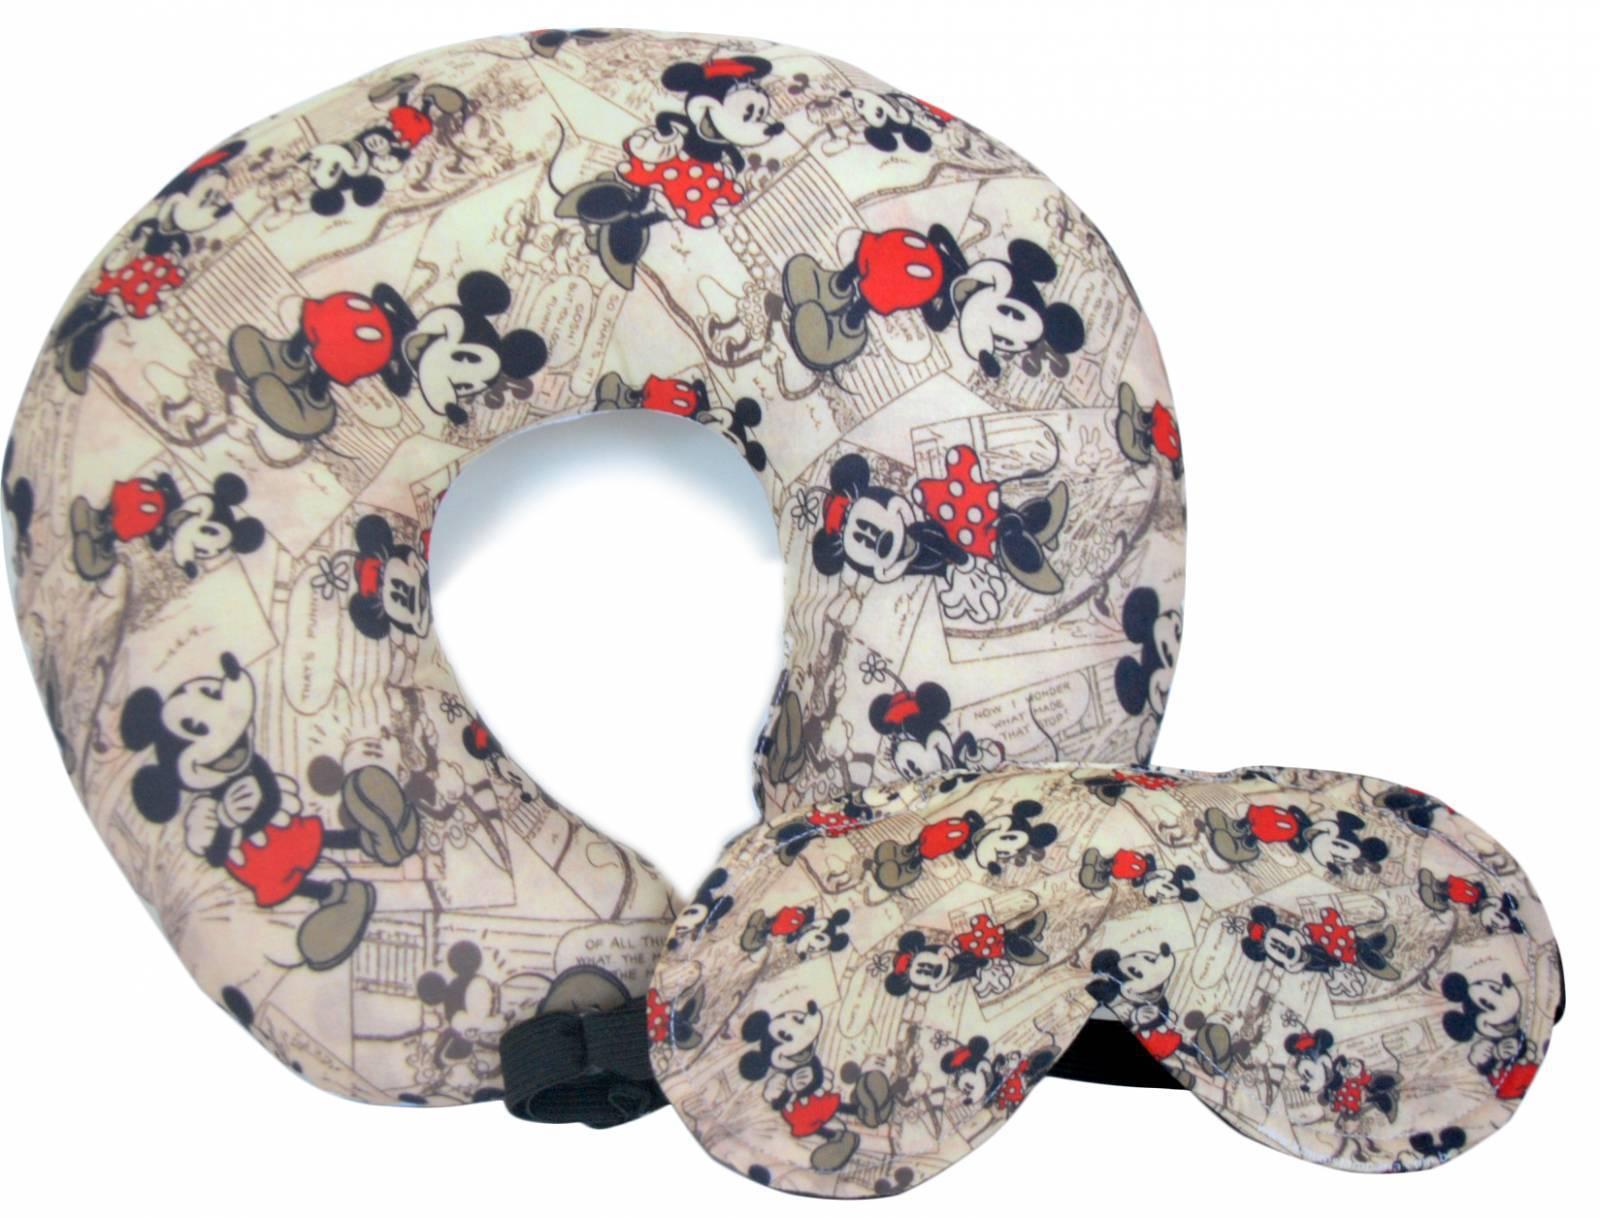 Almofada de Pescoço e Mascara de dormir Personalizadas  - To - kmix estamparia